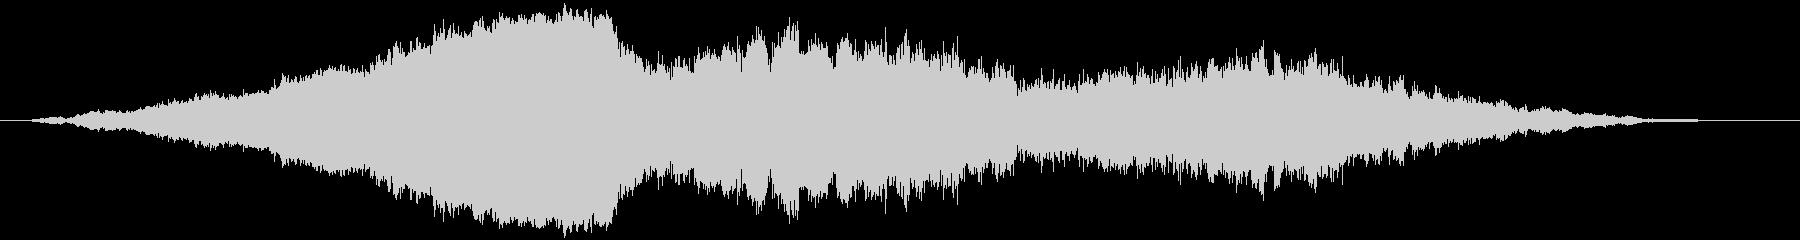 素材 フェージングドローンベル04の未再生の波形